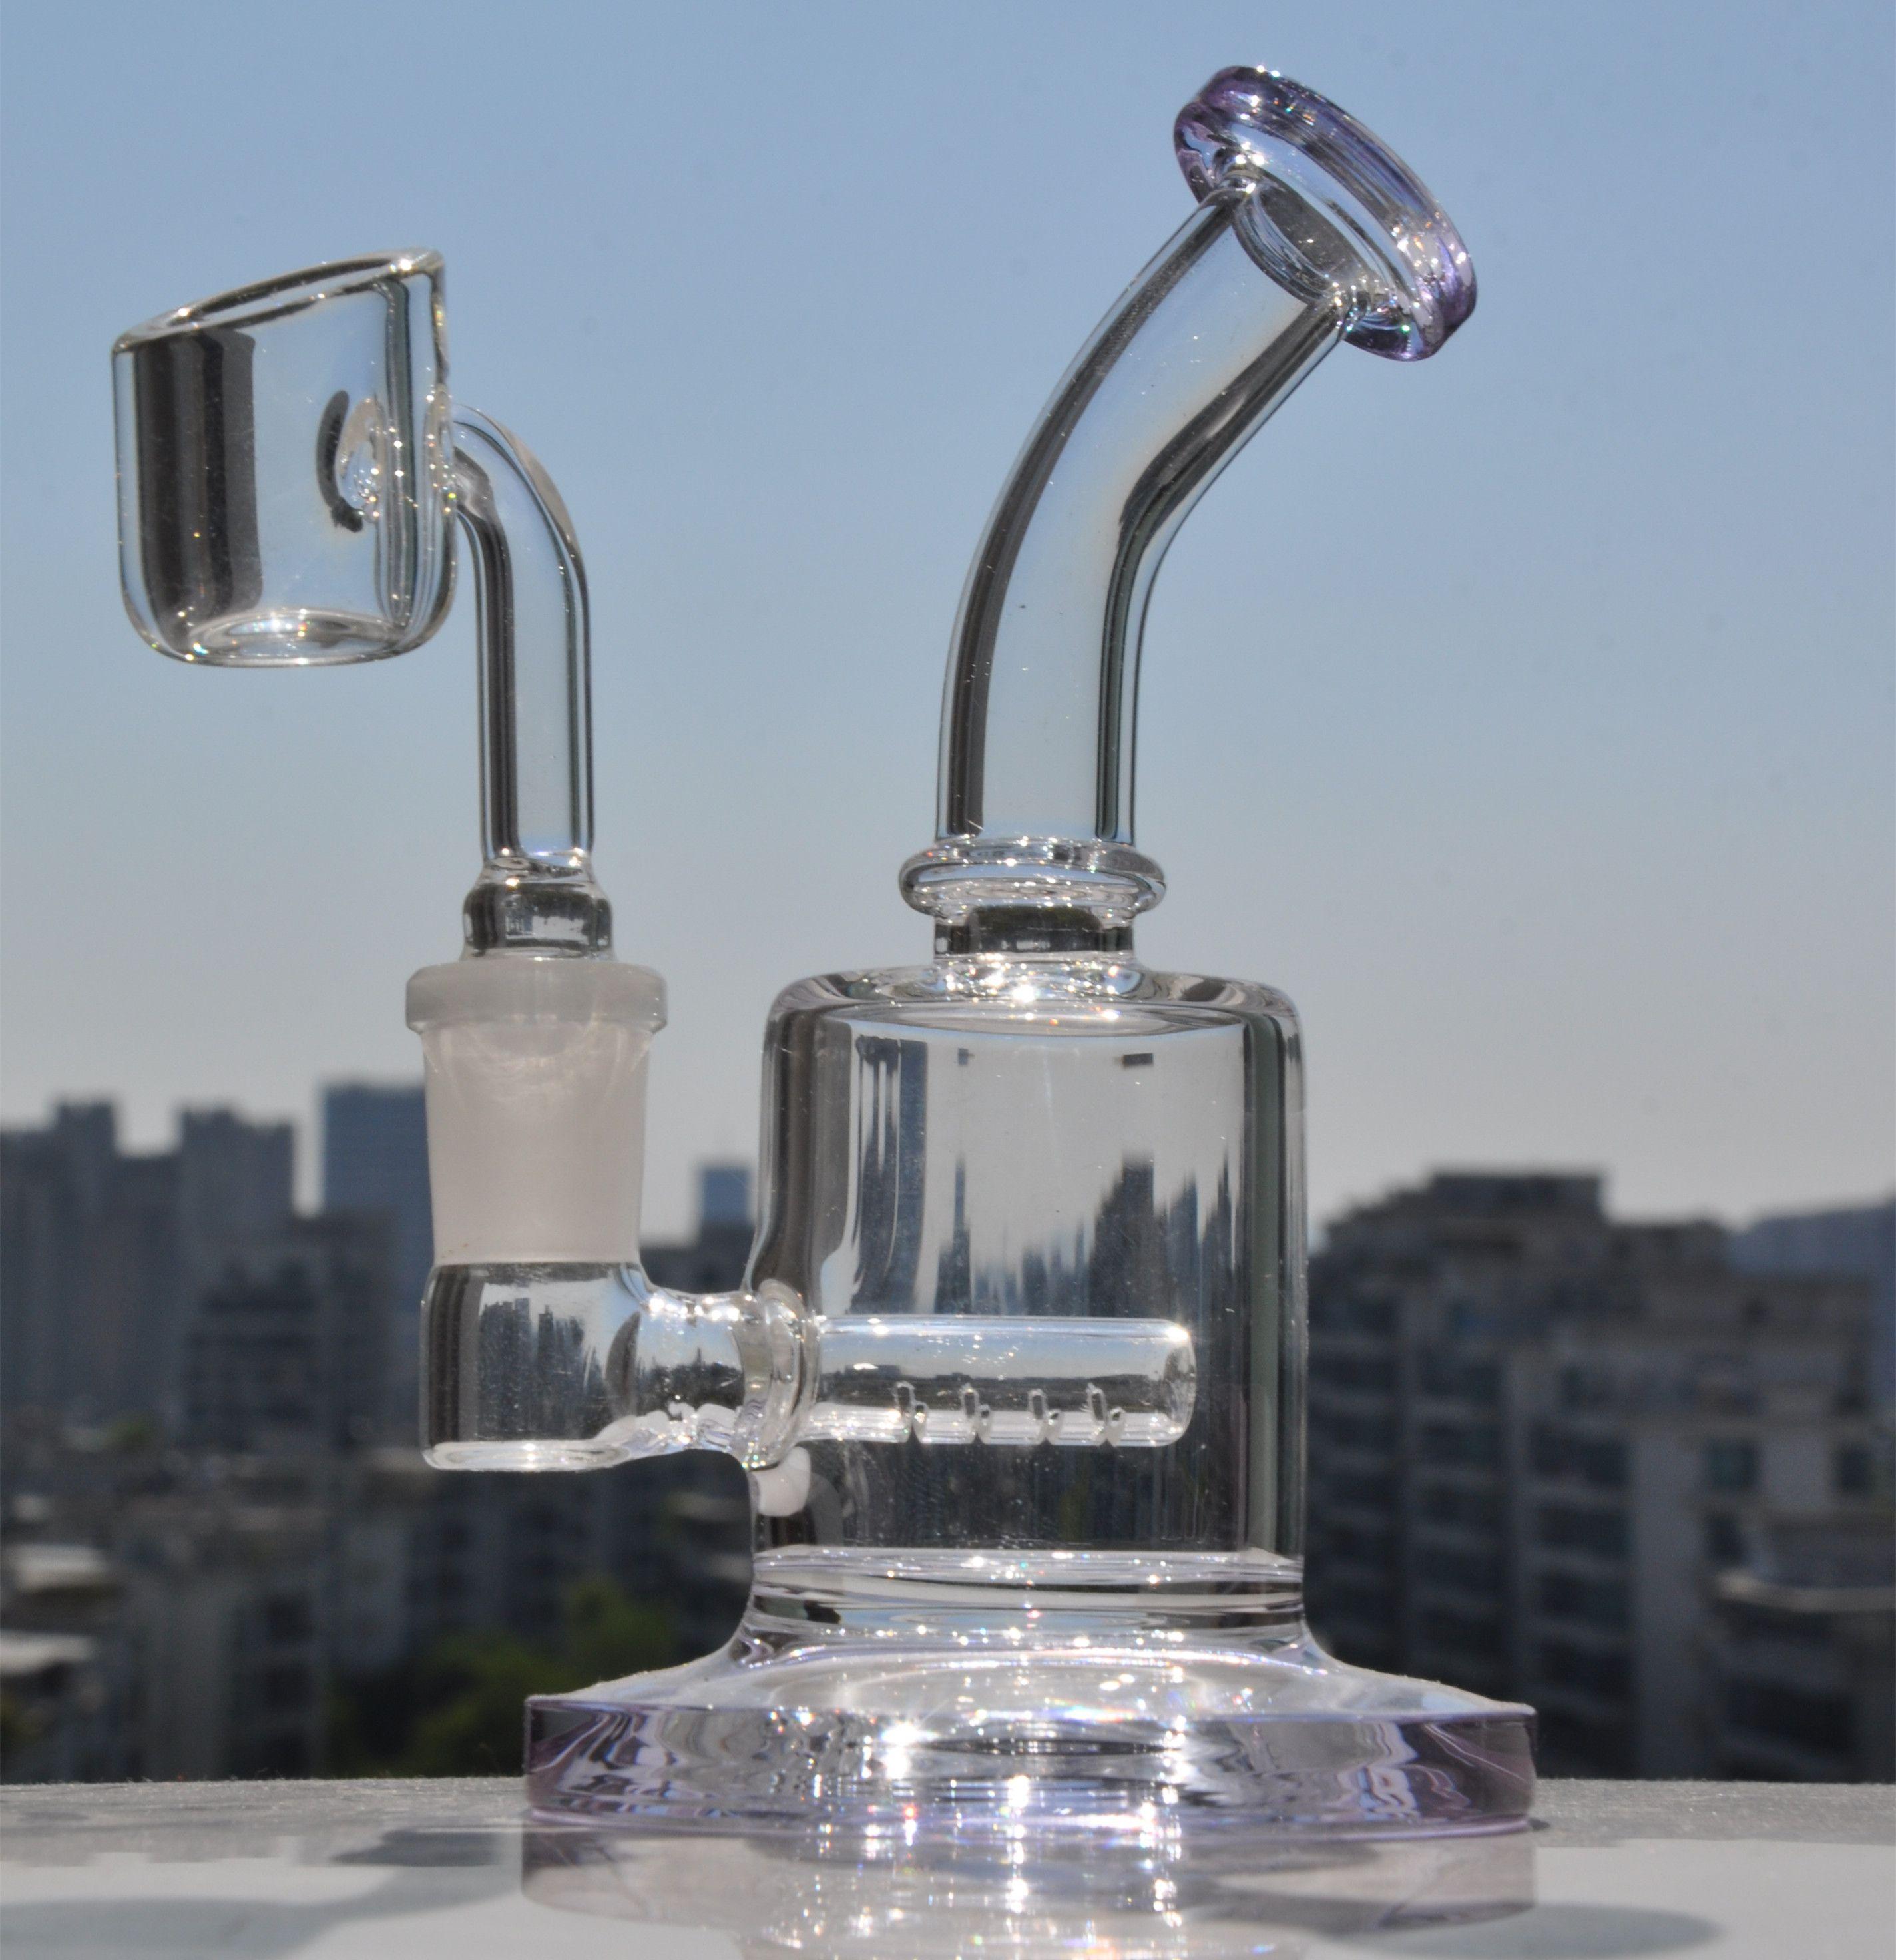 자주색 봉수 파이프 헤드 리 유리 오일 장비 DAB 유리 물 봉수 물 담뱃대 14mm Banger와 작은 봉